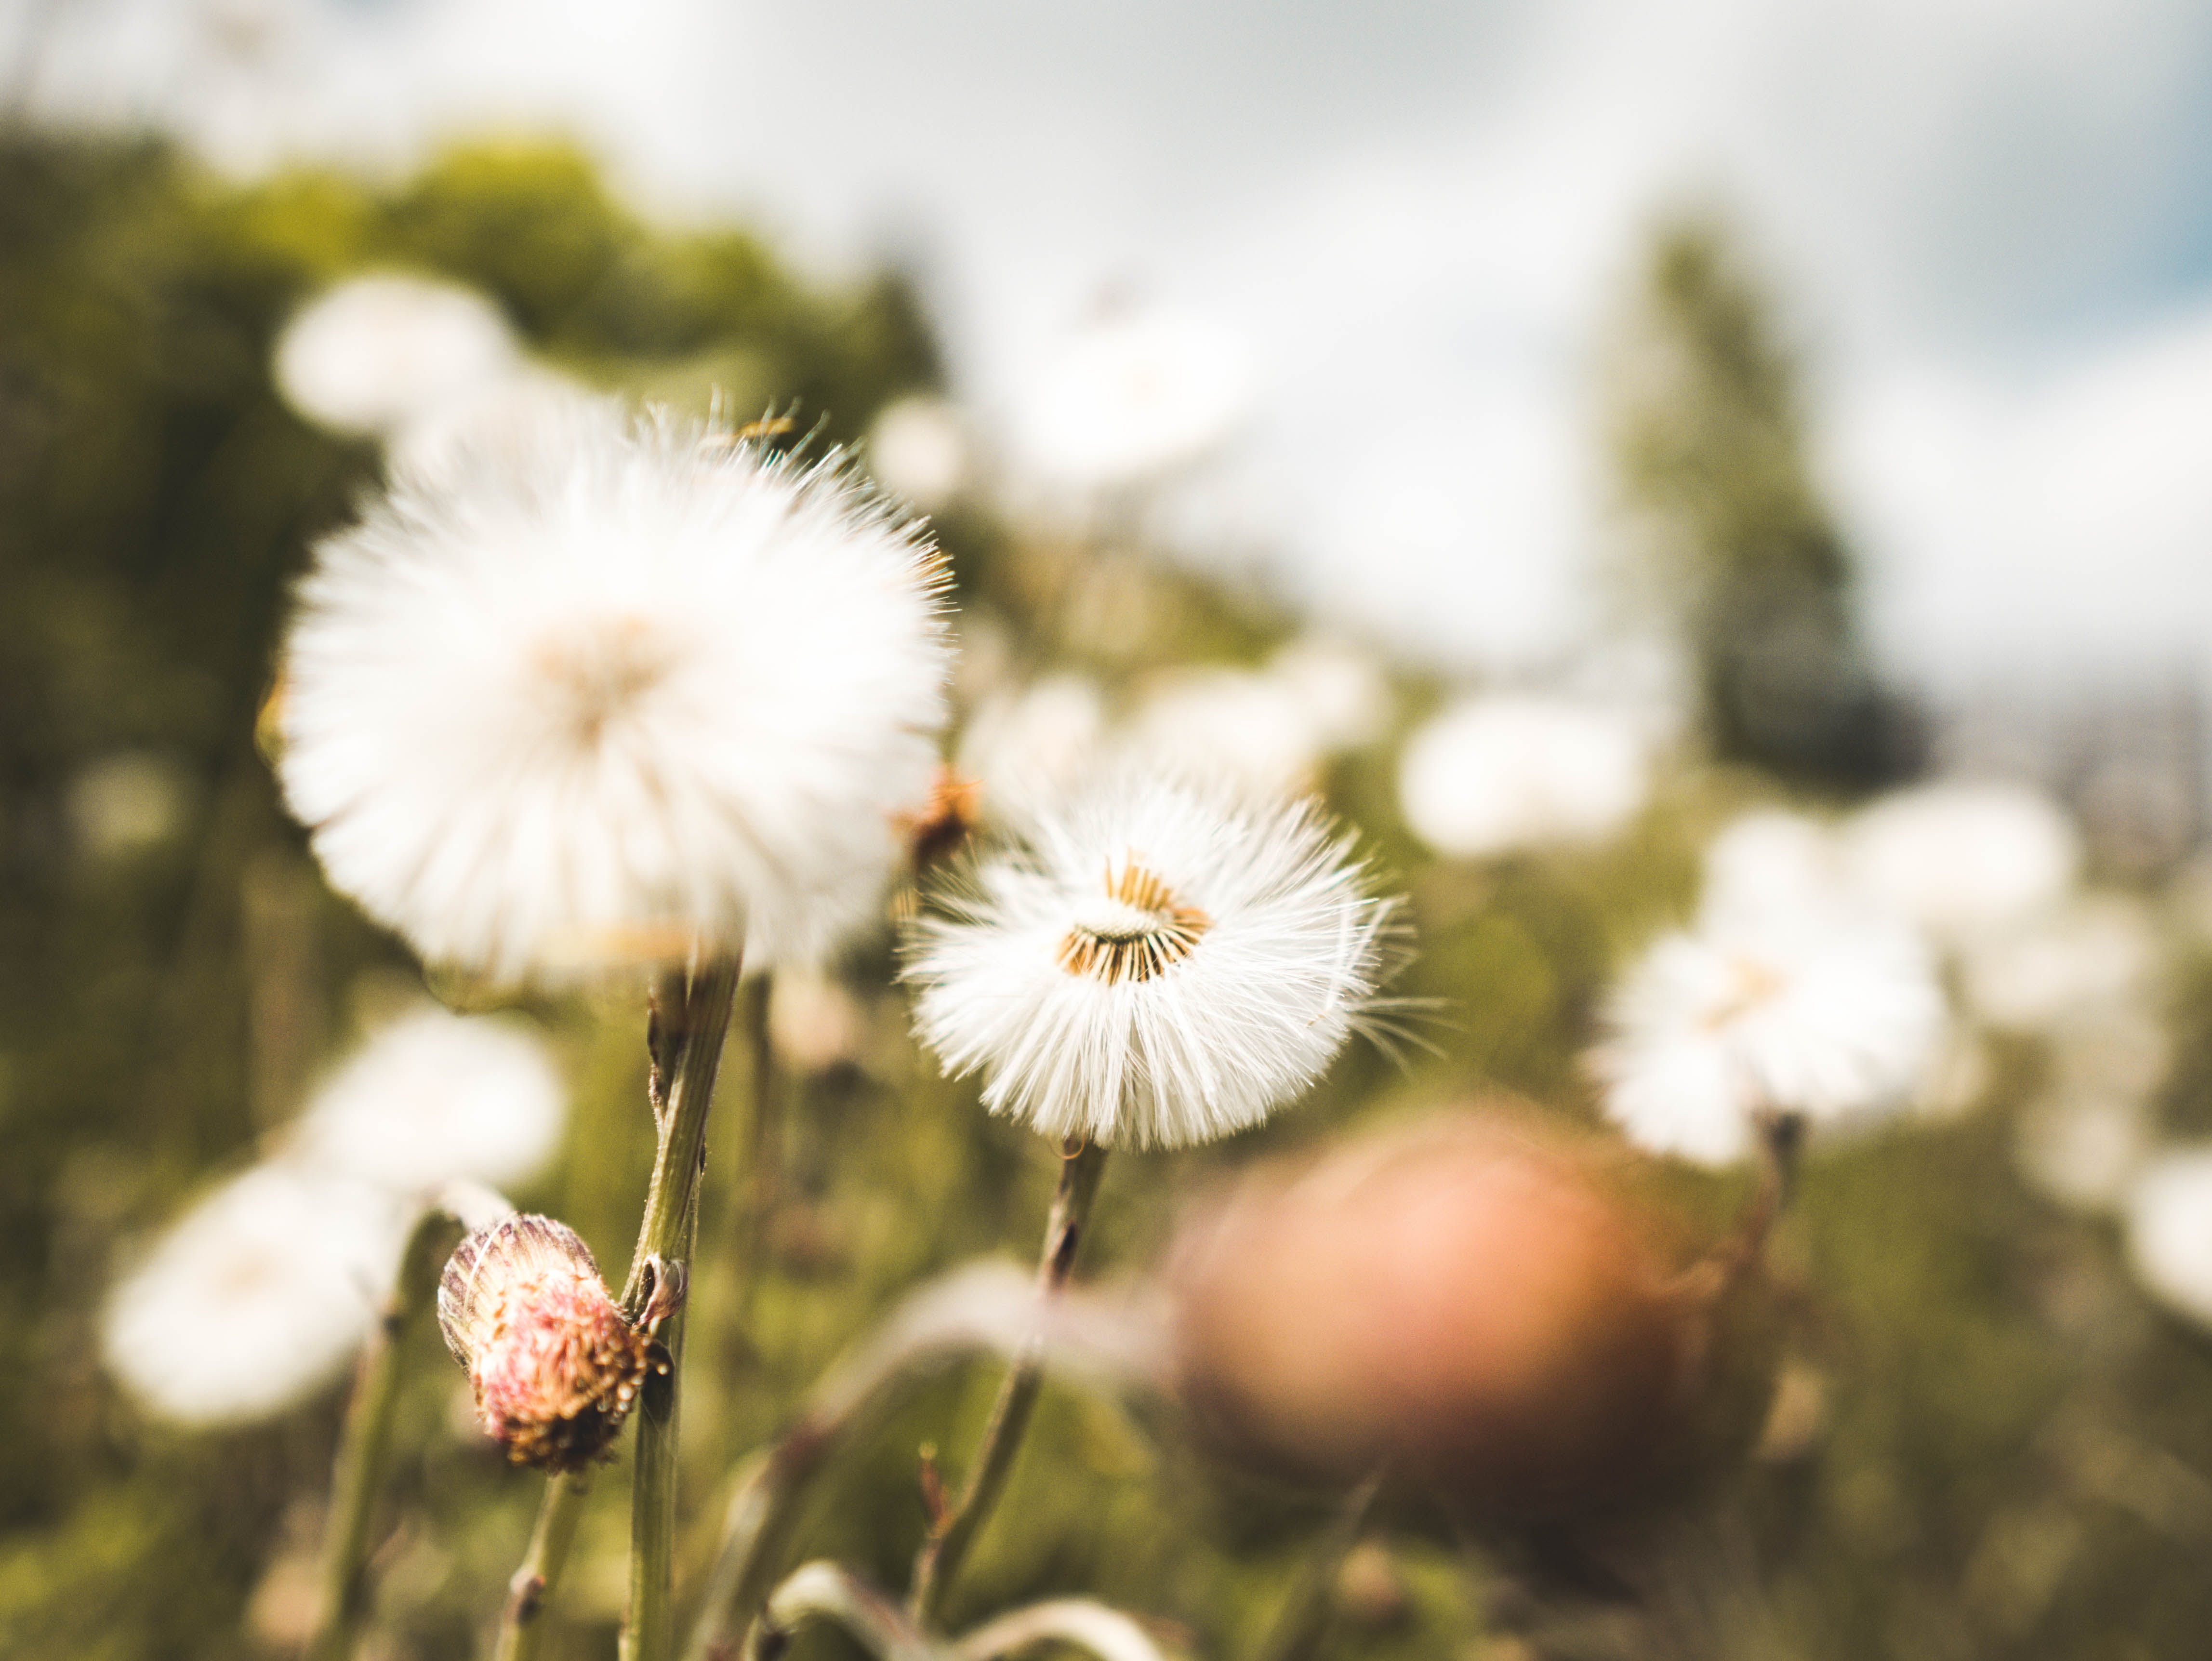 Darmowe zdjęcie z galerii z dmuchawiec, flora, jasny, kolor